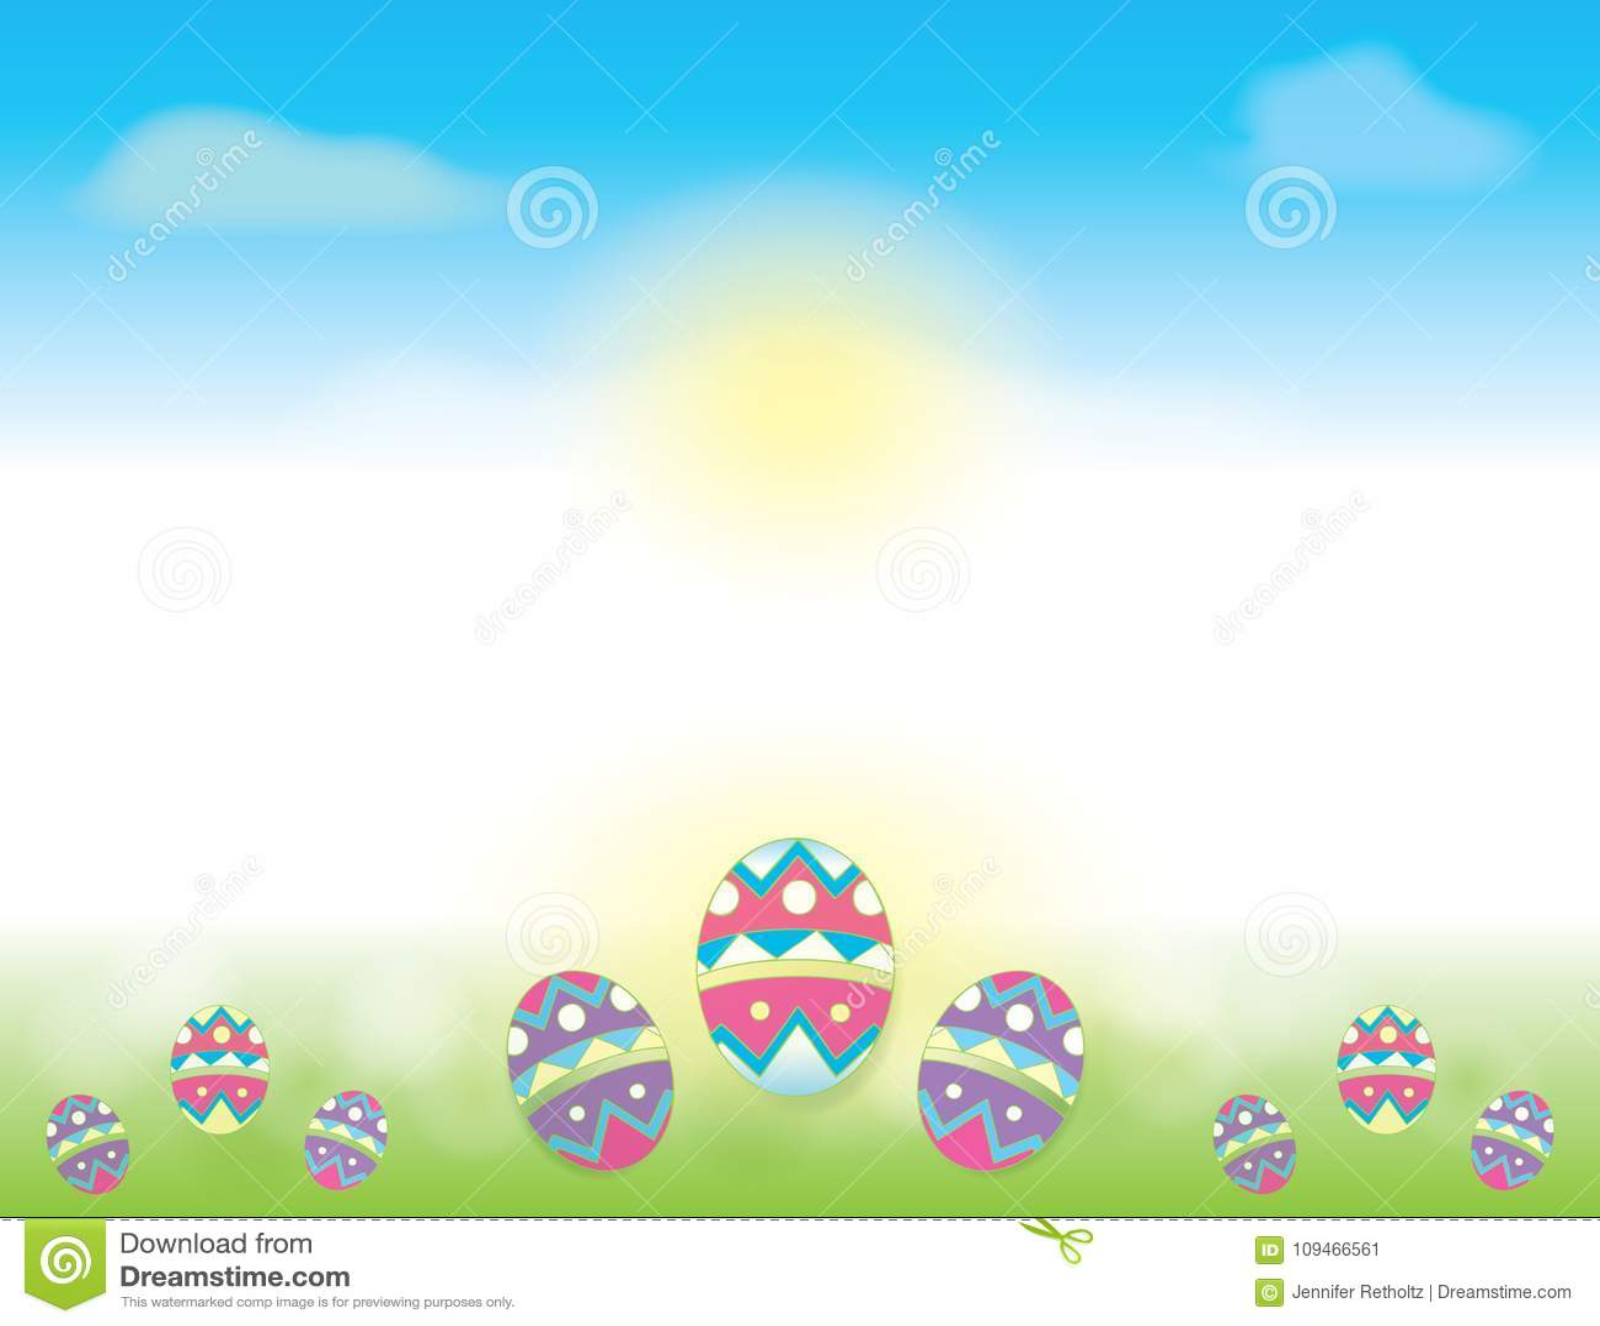 Υπόβαθρο Πάσχας με τους μπλε ουρανούς και τα αυγά Πάσχας που διακοσμούνται στην πράσινη χλόη